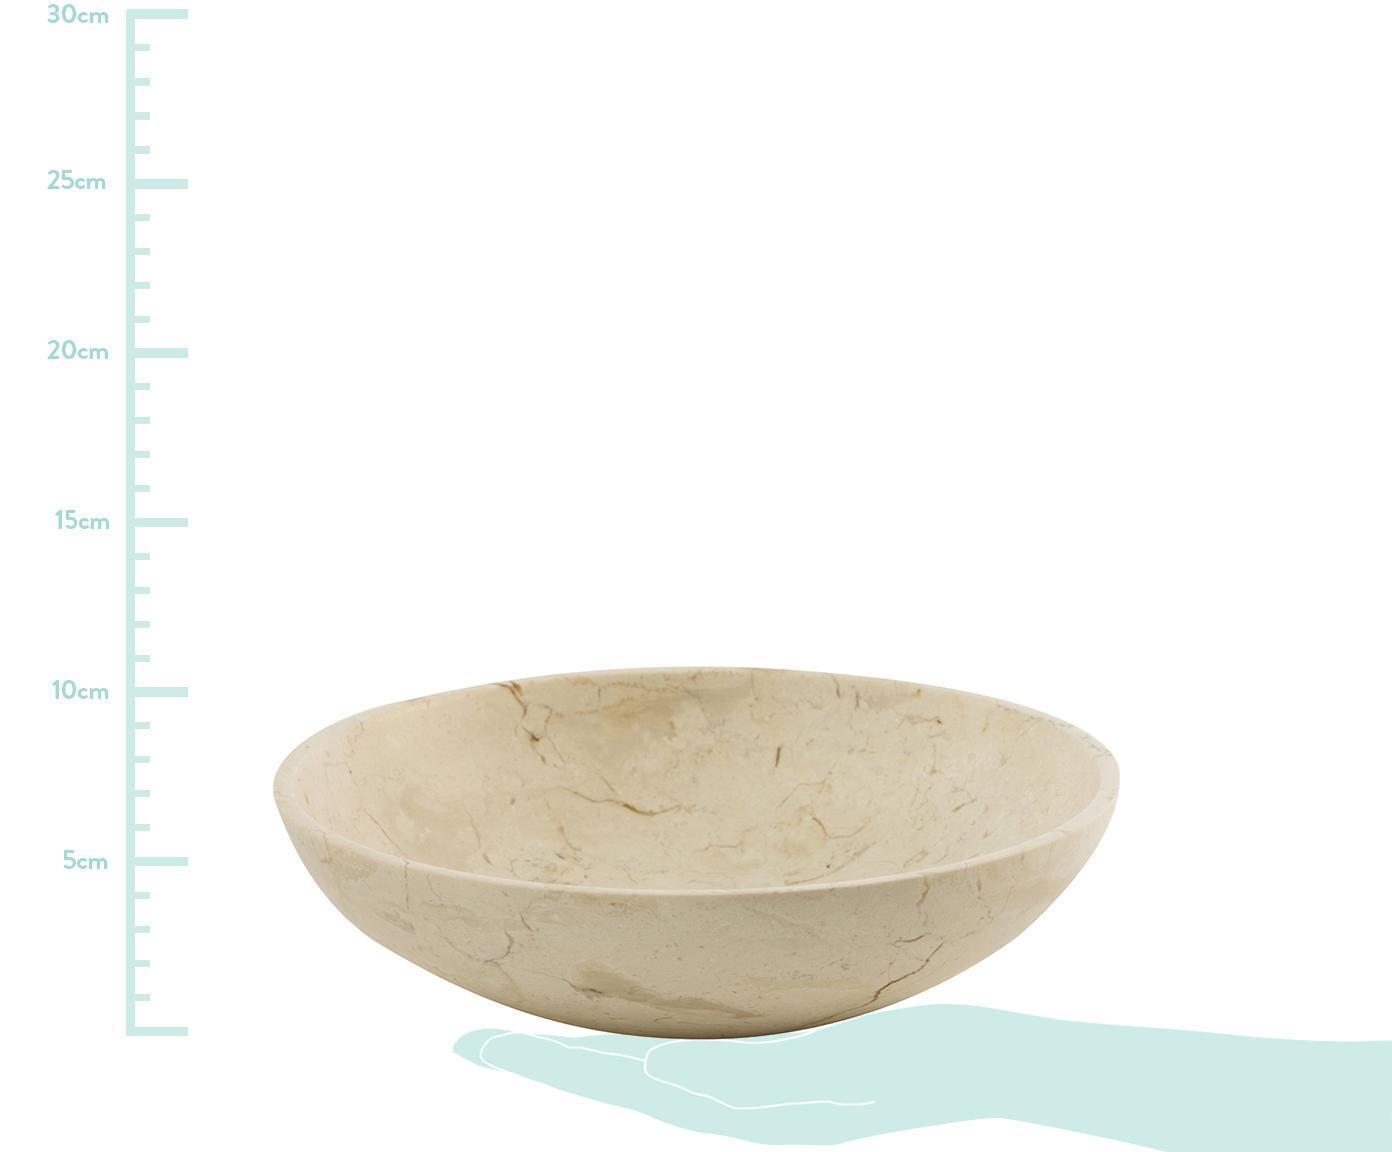 Miska dekoracyjna z marmuru Luxor, Marmur, Beżowy, Ø 25 x W 7 cm